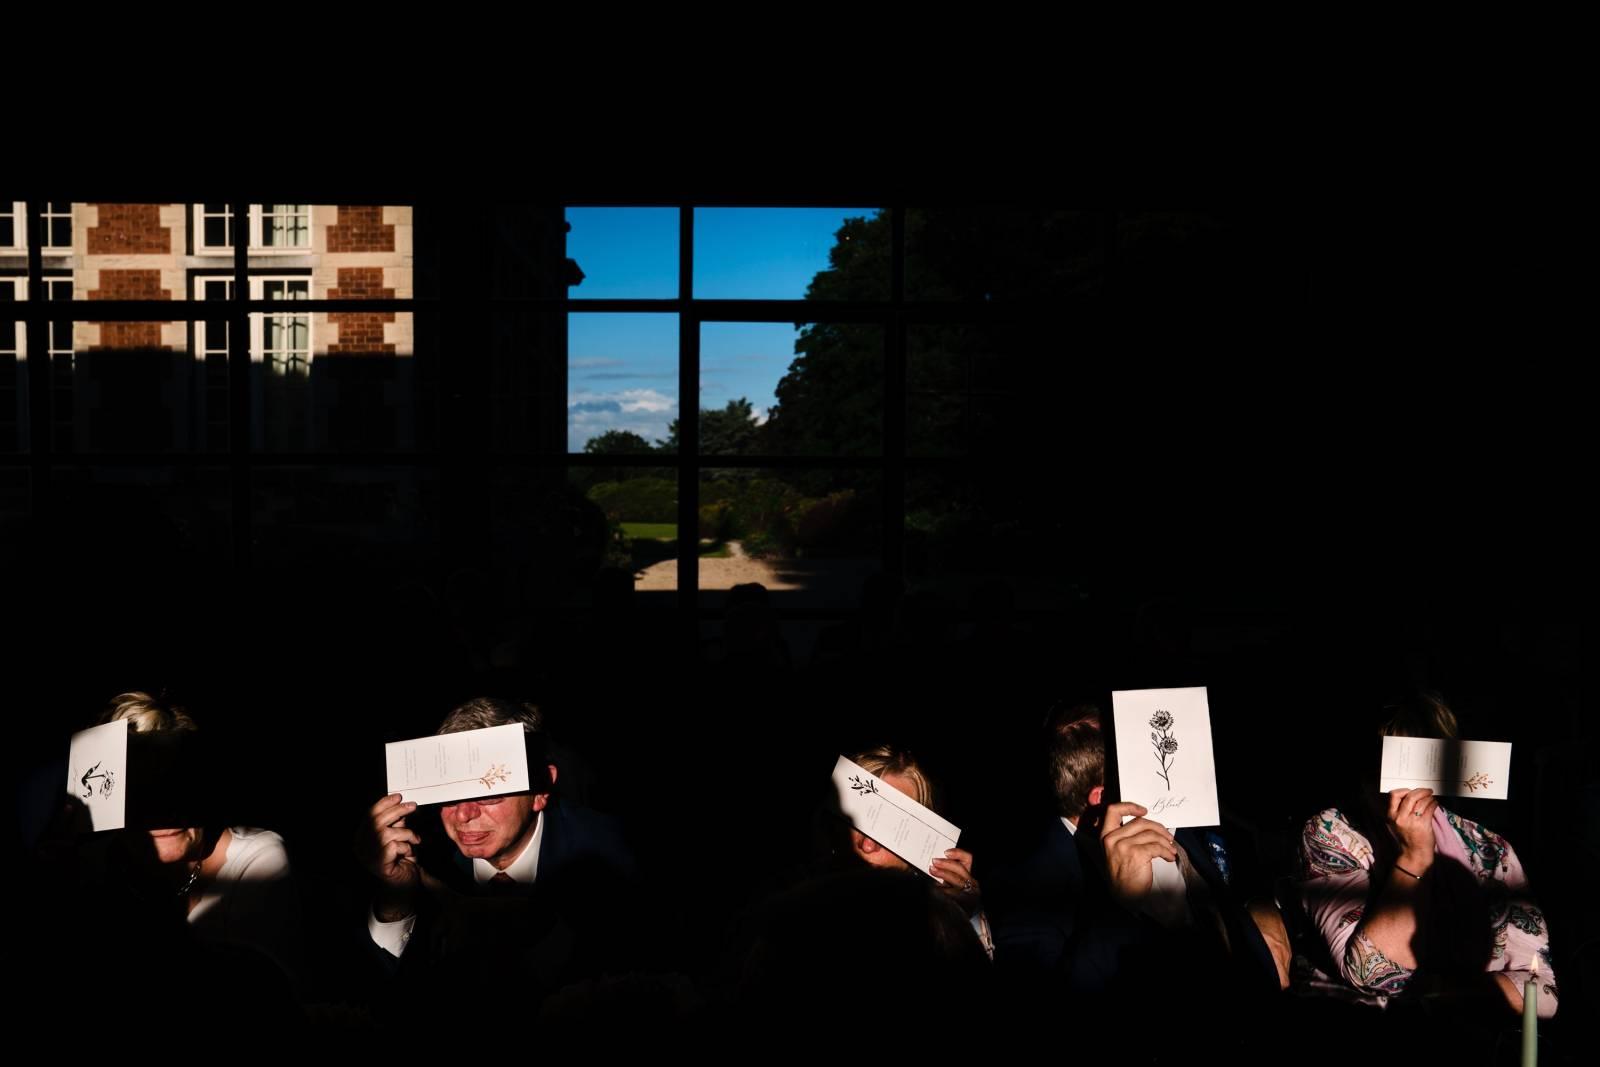 Yves Schepers Photography - Fotograaf - Huwelijksfotograaf - Trouwfotograaf - Bruidsfotograaf - House of Weddings - 2